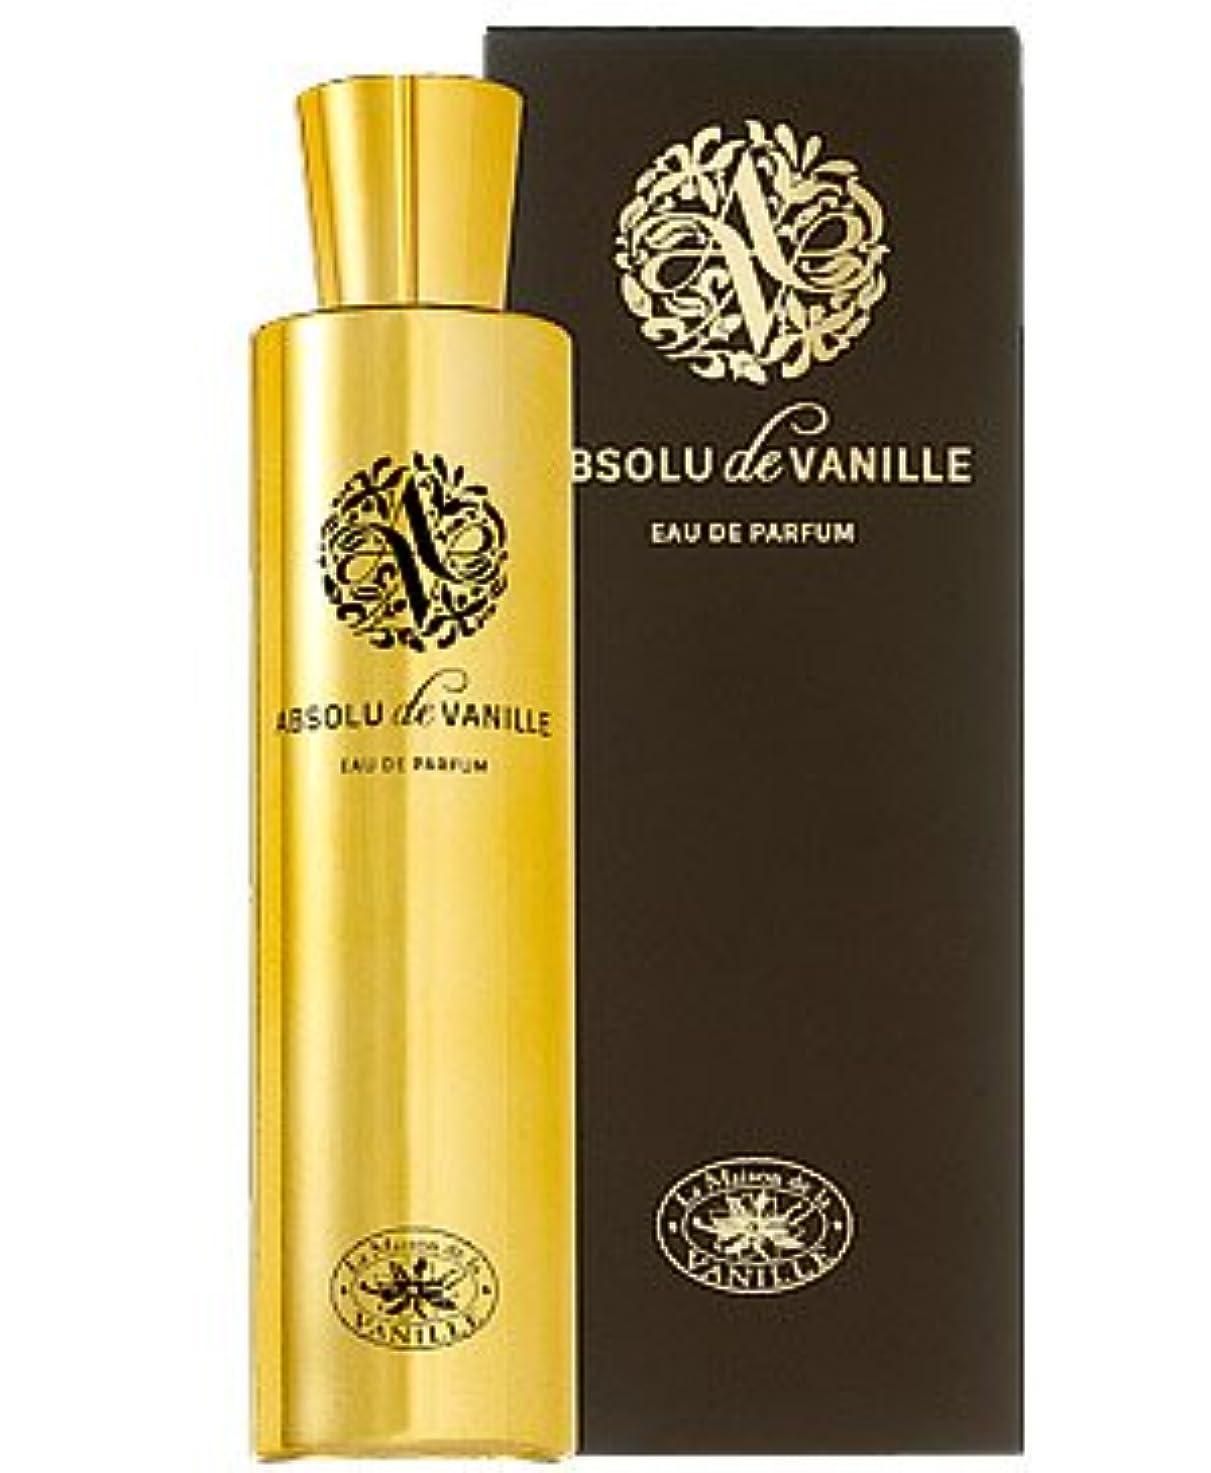 置くためにパックミスオープナーAbsolu de Vanille (アブソウル デ ヴァニール) 3.4 oz (100ml) EDP Spray